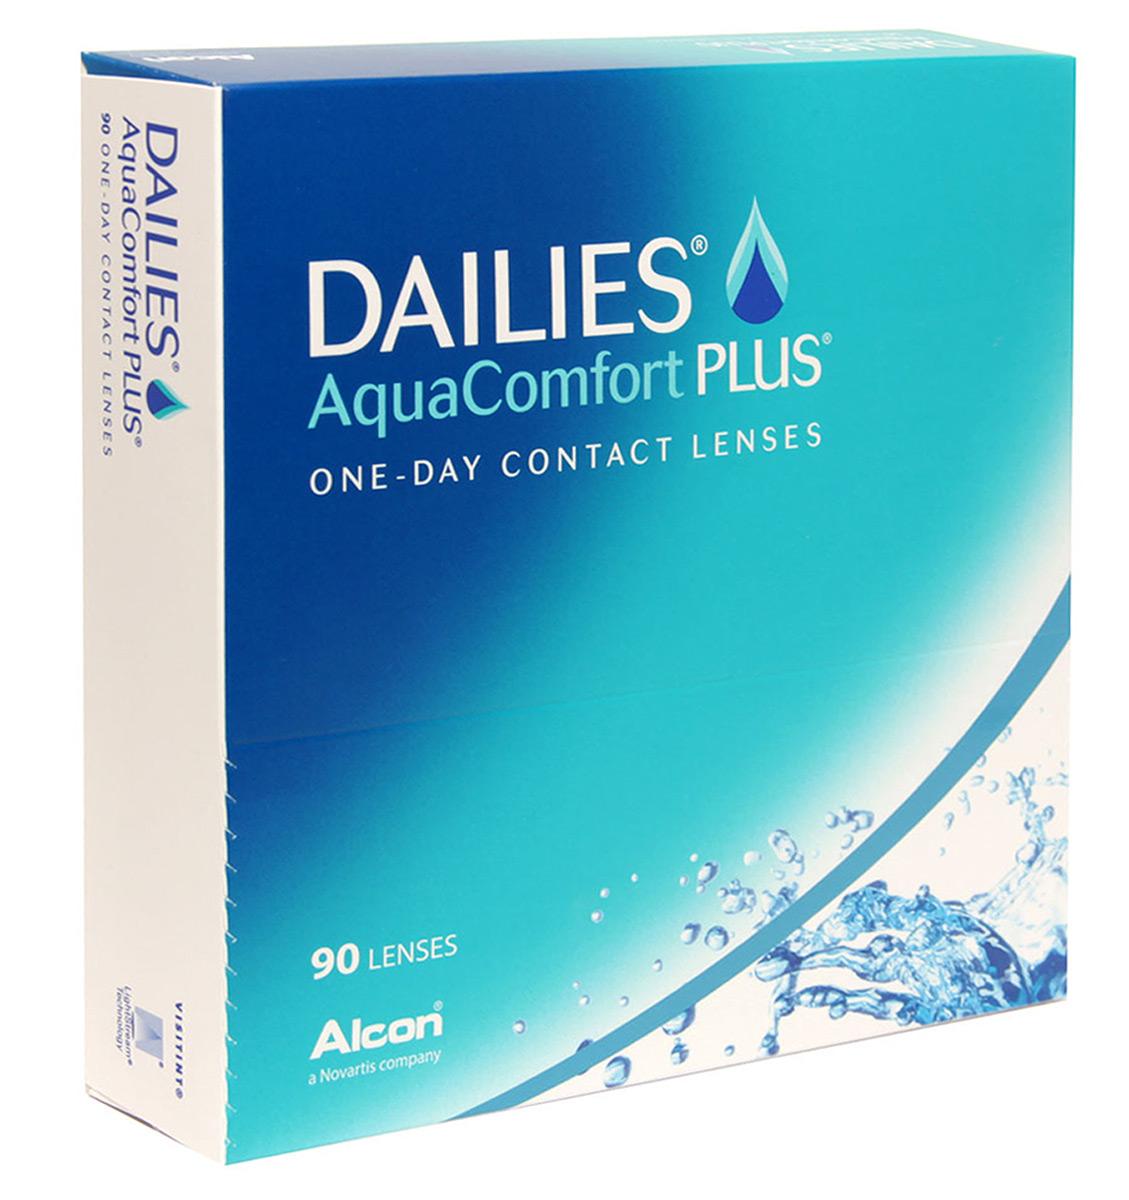 Alcon-CIBA Vision контактные линзы Dailies AquaComfort Plus (90шт / 8.7 / 14.0 / +1.50)38347Dailies Aqua Comfort Plus (90 блистеров) – это одни из самых популярных однодневных линз производства компании CIBA VISION. Эти линзы пользуются огромной популярностью во всем мире и являются на сегодняшний день самыми безопасными контактными линзами. Изготавливаются линзы из современного, 100% безопасного материала нелфилкон А. Особенность этого материала в том, что он легко пропускает воздух и хорошо сохраняет влагу. Однодневные контактные линзы Dailies Aqua Comfort Plus не нуждаются в дополнительном уходе и затратах, каждый день вы надеваете свежую пару линз. Дизайн линзы биосовместимый, что гарантирует безупречный комфорт. Самое главное достоинство Dailies Aqua Comfort Plus – это их уникальная система увлажнения. Благодаря этой разработке линзы увлажняются тремя различными агентами. Первый компонент, ухаживающий за линзами, находится в растворе, он как бы обволакивает линзу, обеспечивая чрезвычайно комфортное надевание. Второй агент выделяется на протяжении всего дня, он...